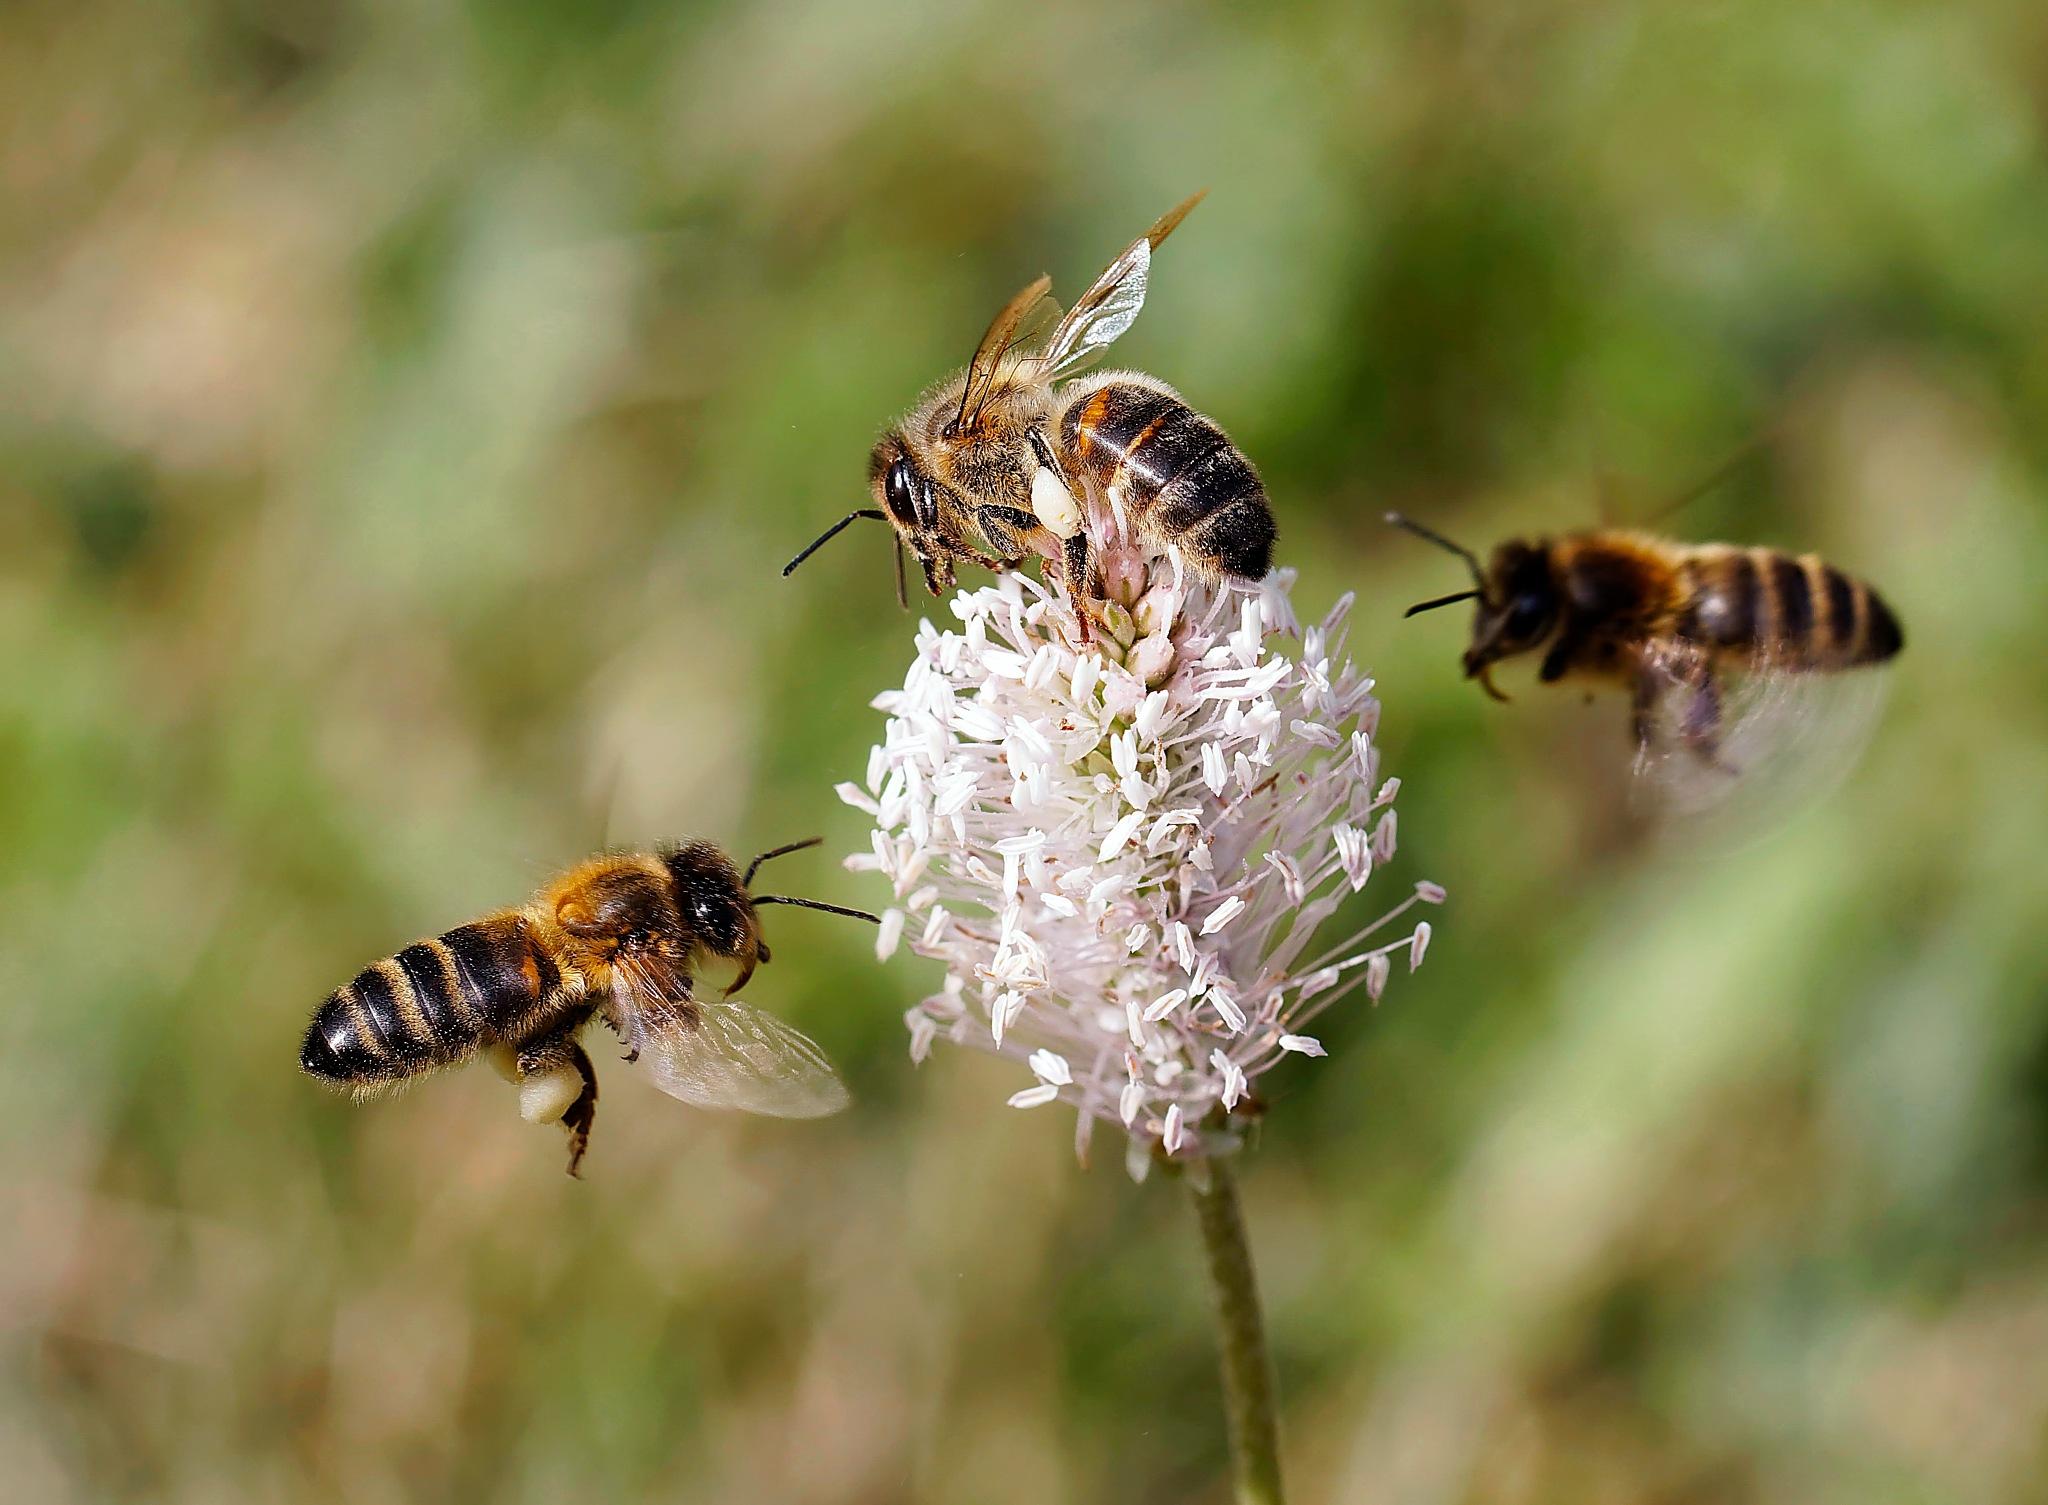 A l'assaut du pollen. by BernardSerge